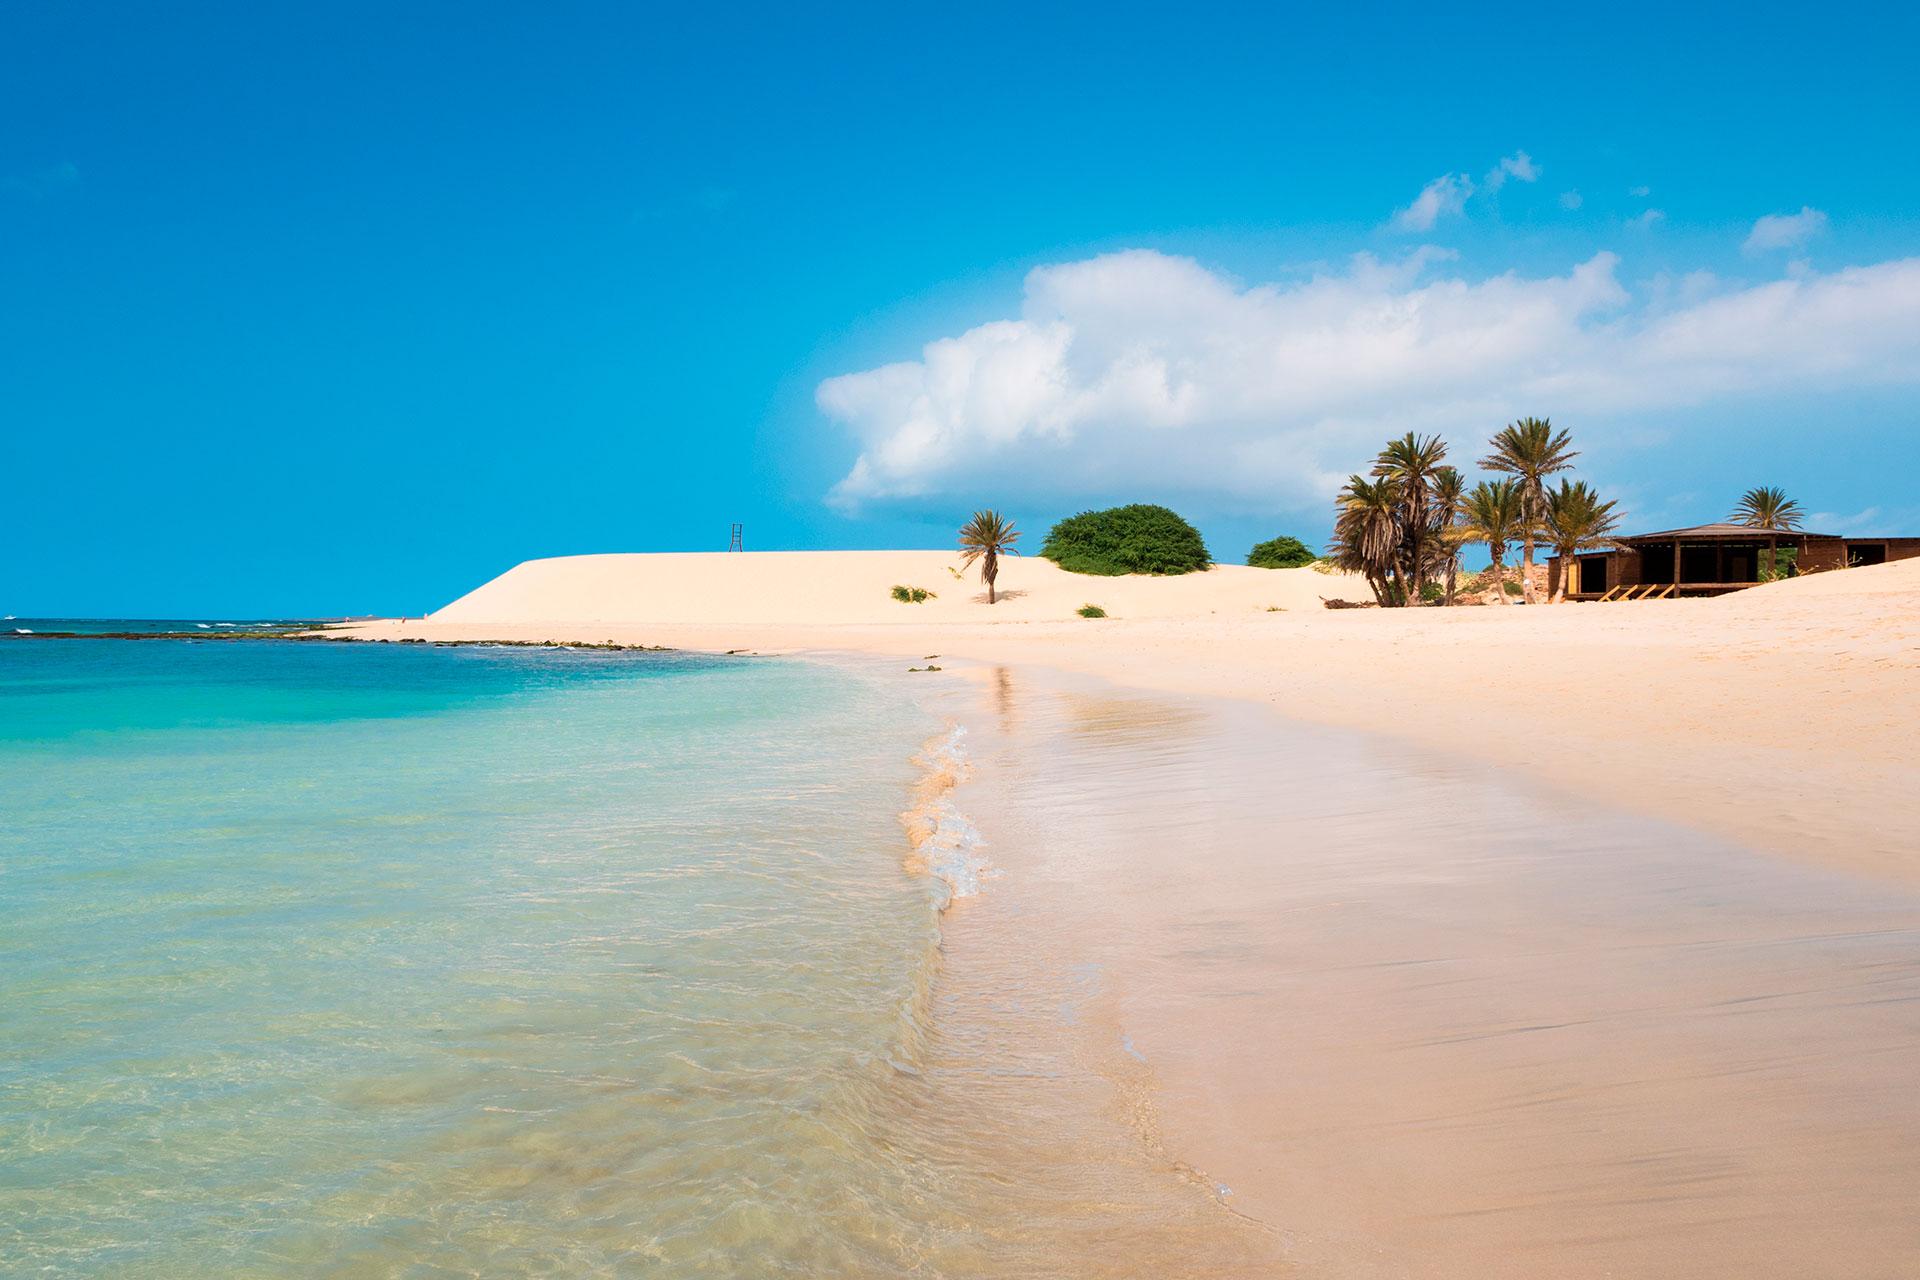 El país insular del Océano Atlántico obtiene el 17,66% de su PIB del turismo. Ha registrado menos de 800 casos de virus y va a permitir que los vuelos entre sus islas comiencen nuevamente el 30 de junio